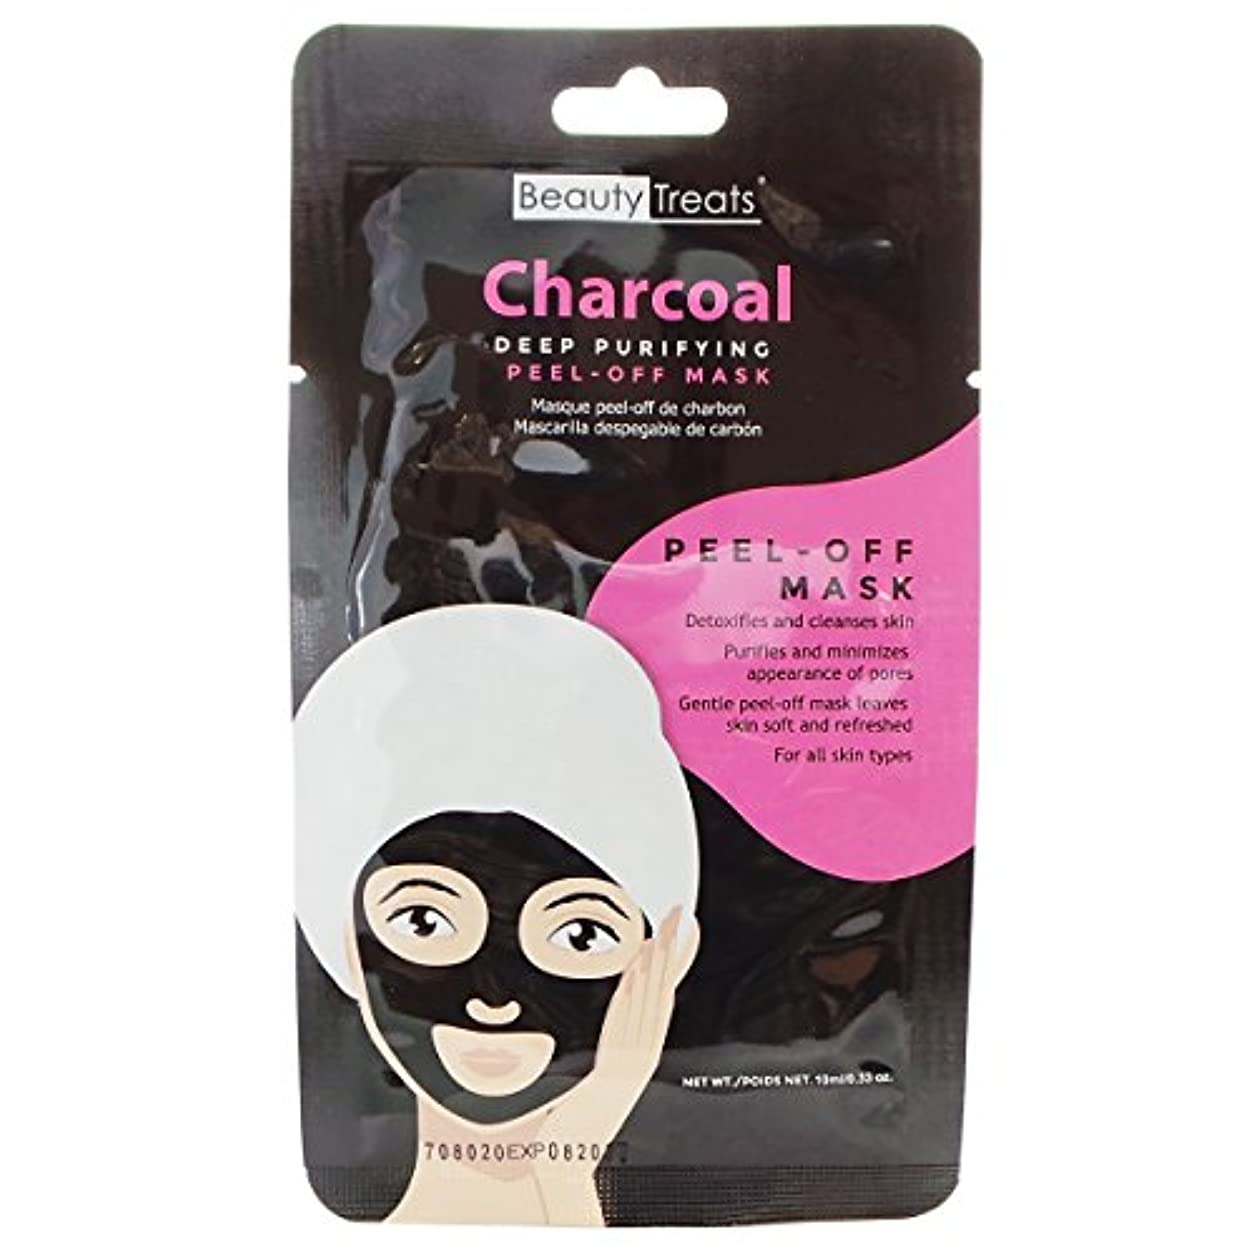 メンバー理論キャンセルBEAUTY TREATS Deep Purifying Peel-Off Charcoal Mask (並行輸入品)